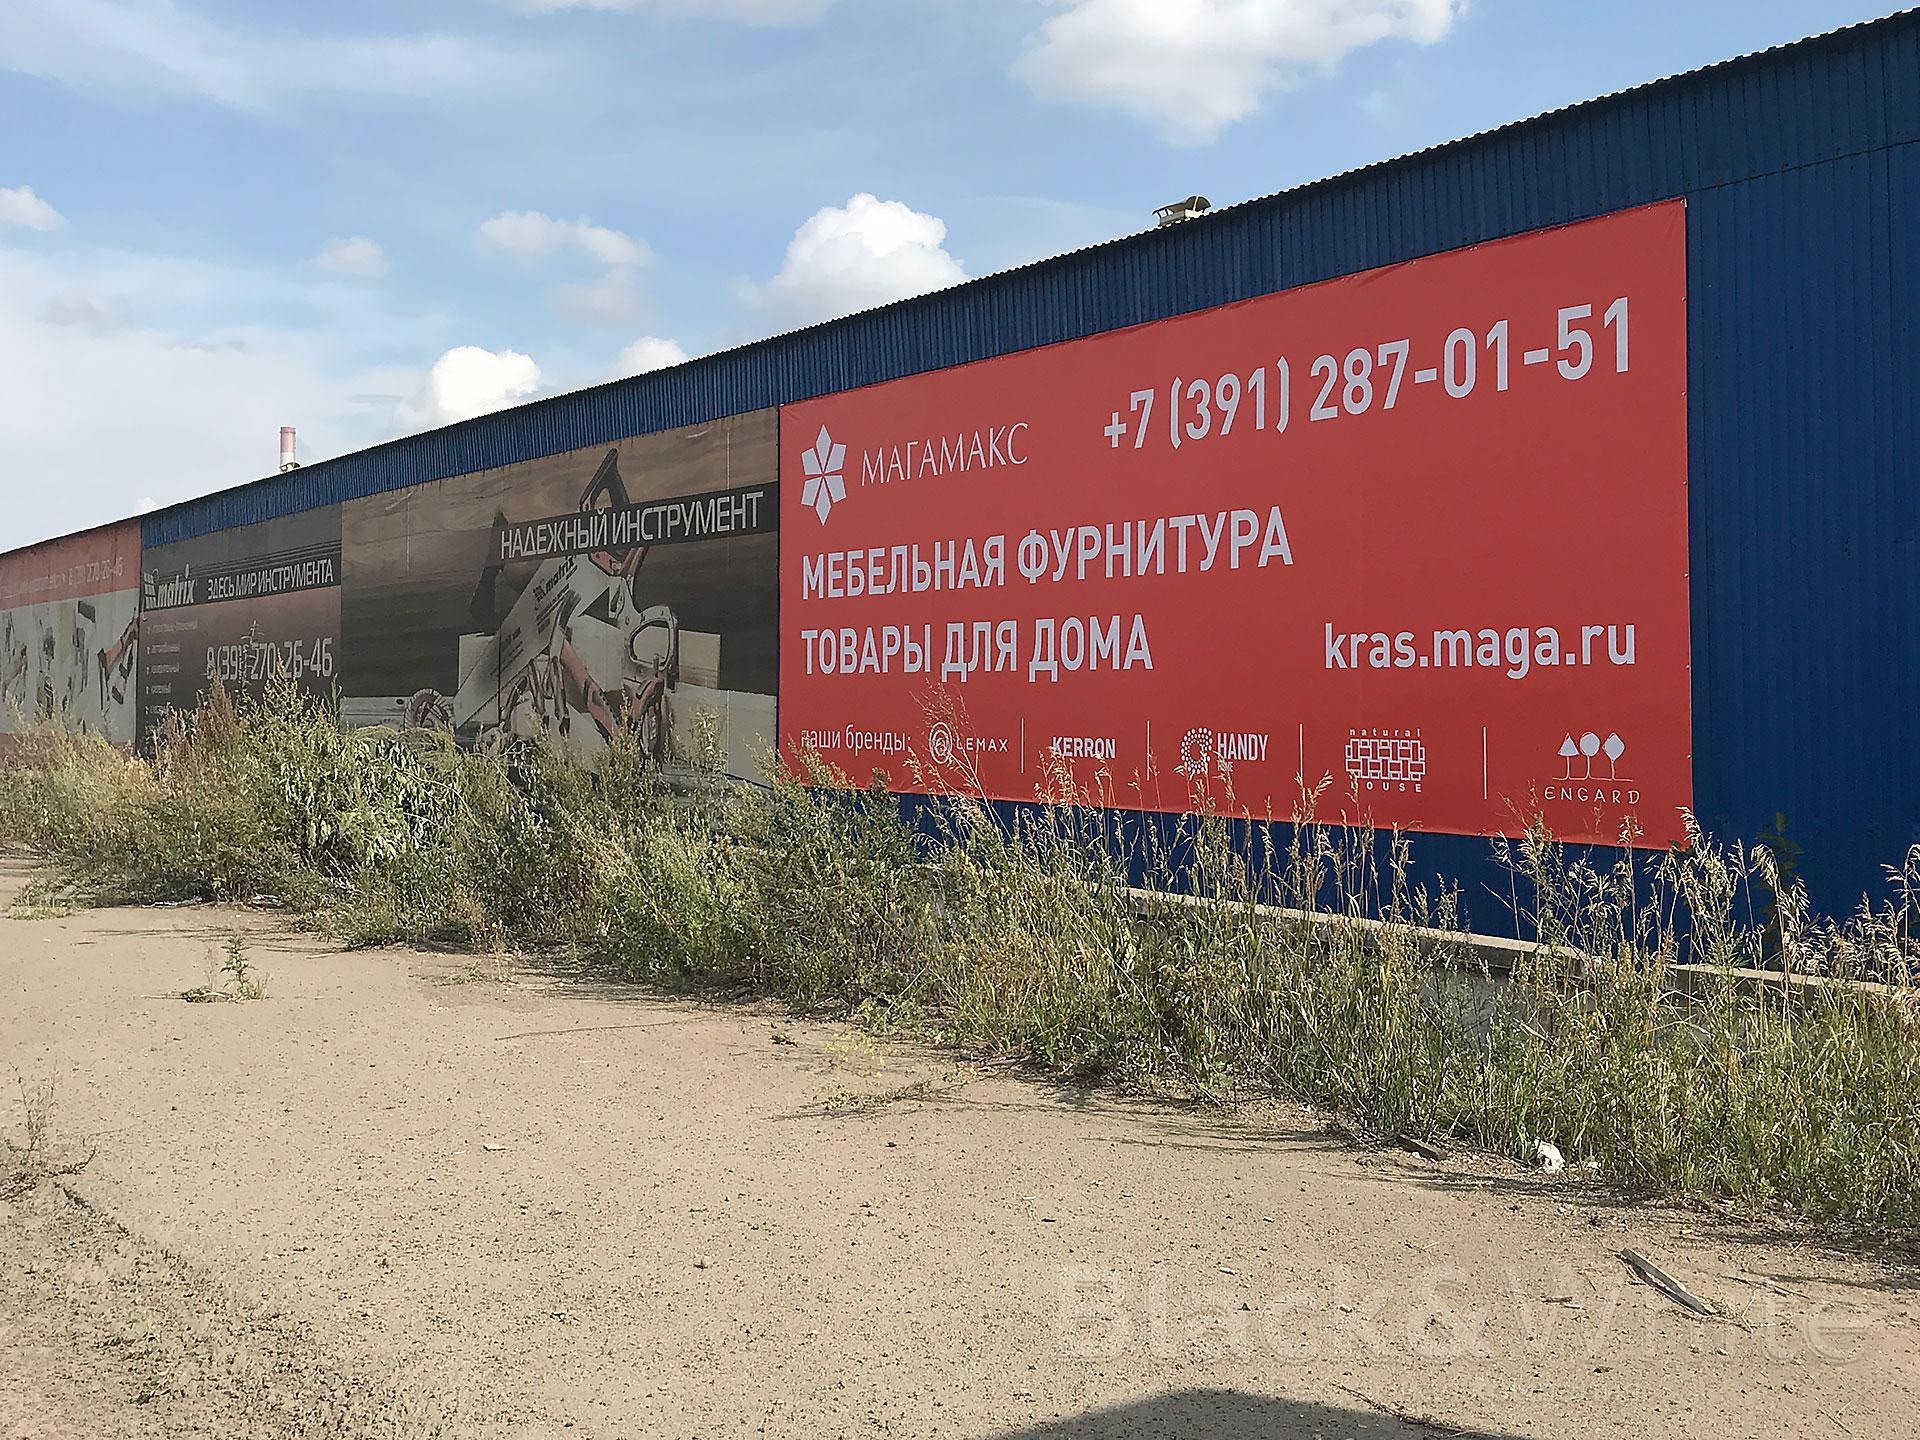 Печать-на-баннередля-в-Красноярске2.jpg